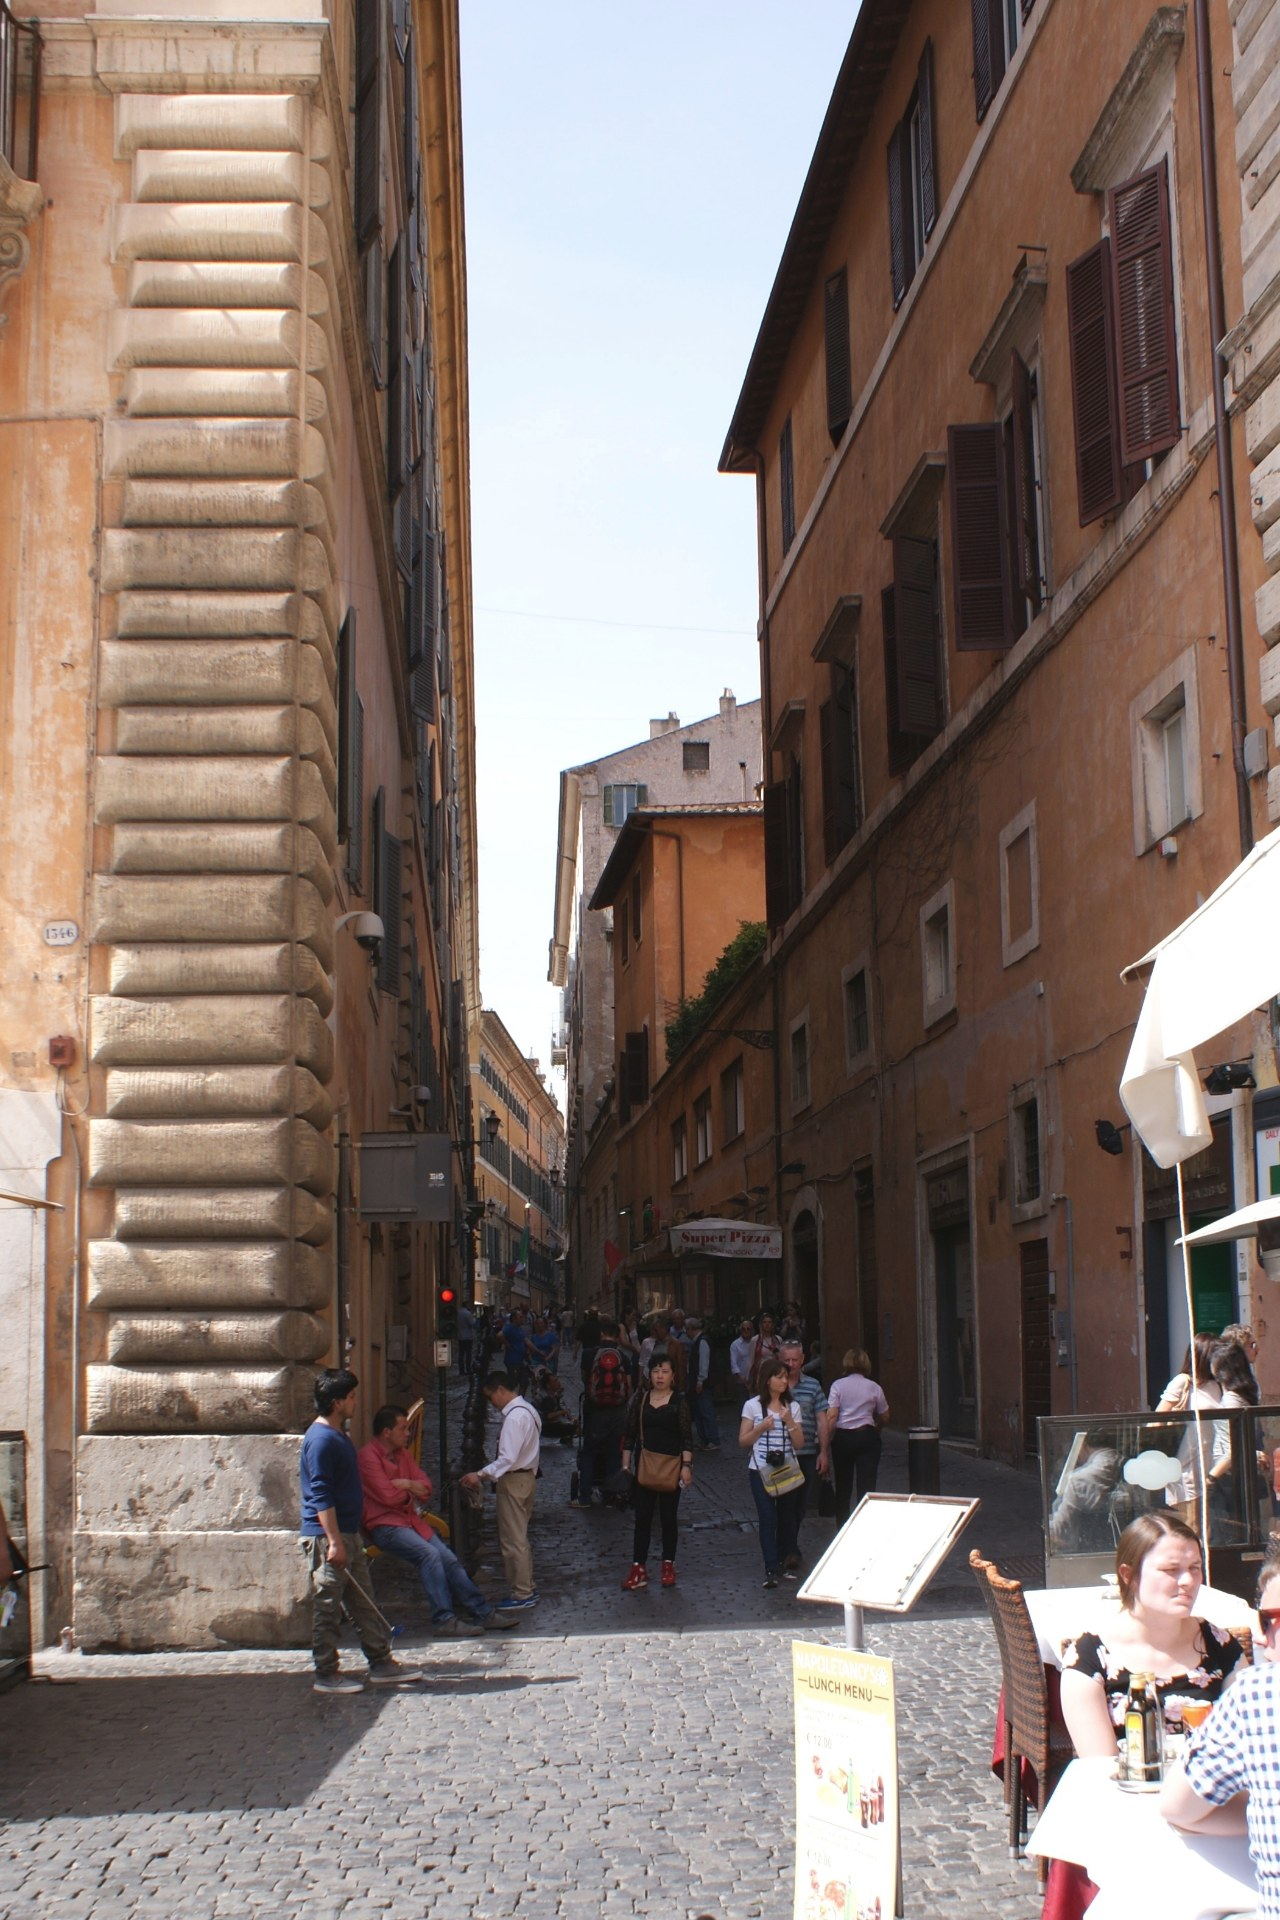 Images - Stald - Rome Printemps 2016 - 04:06 - 11